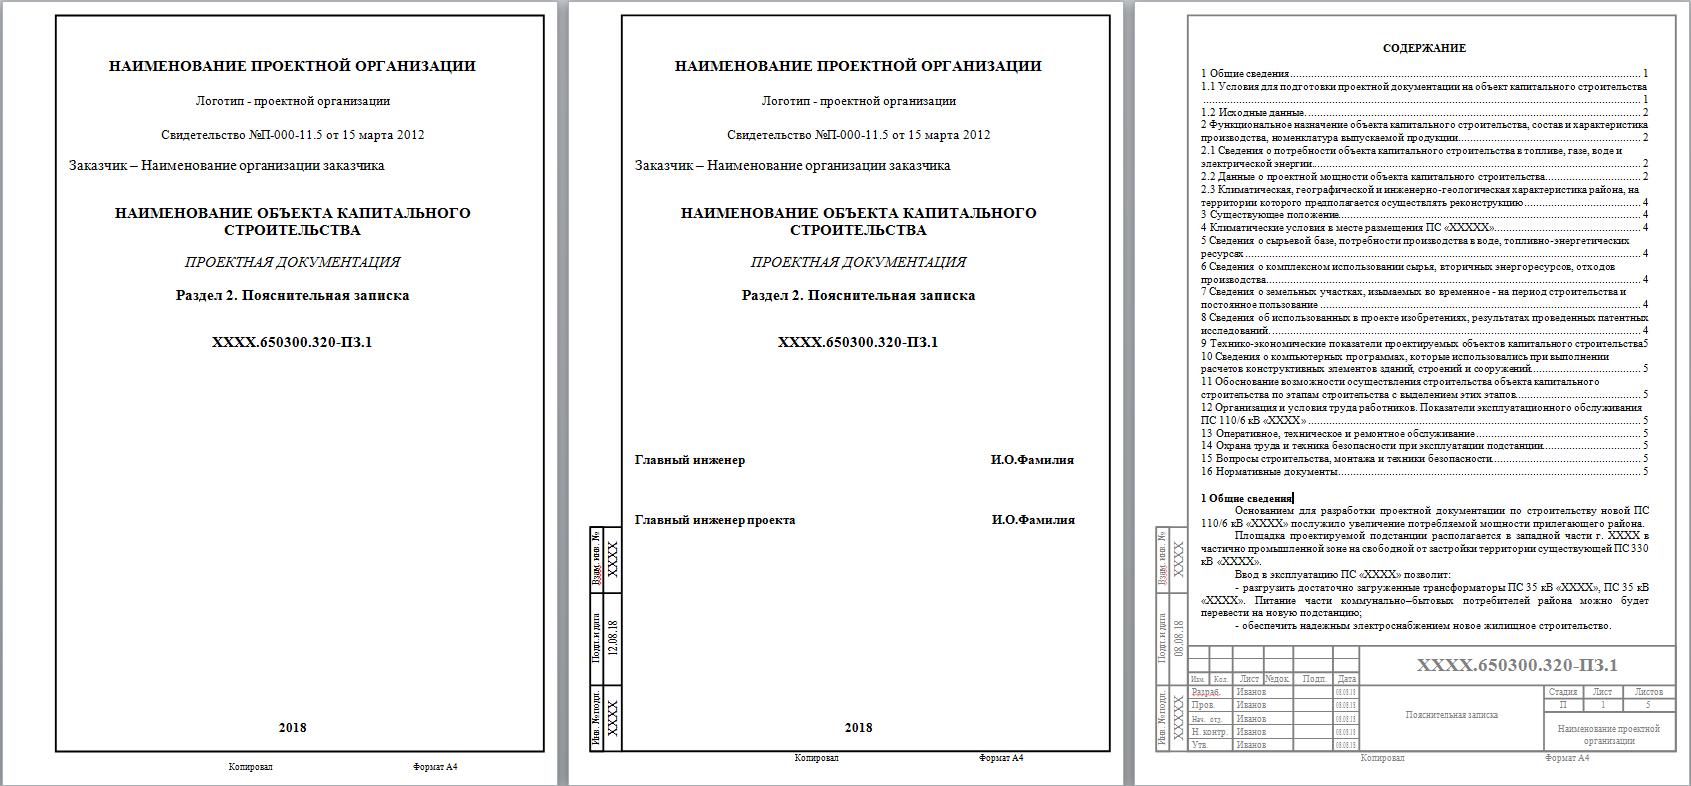 Шаблон пояснительной записки к проектной документации в формате doc